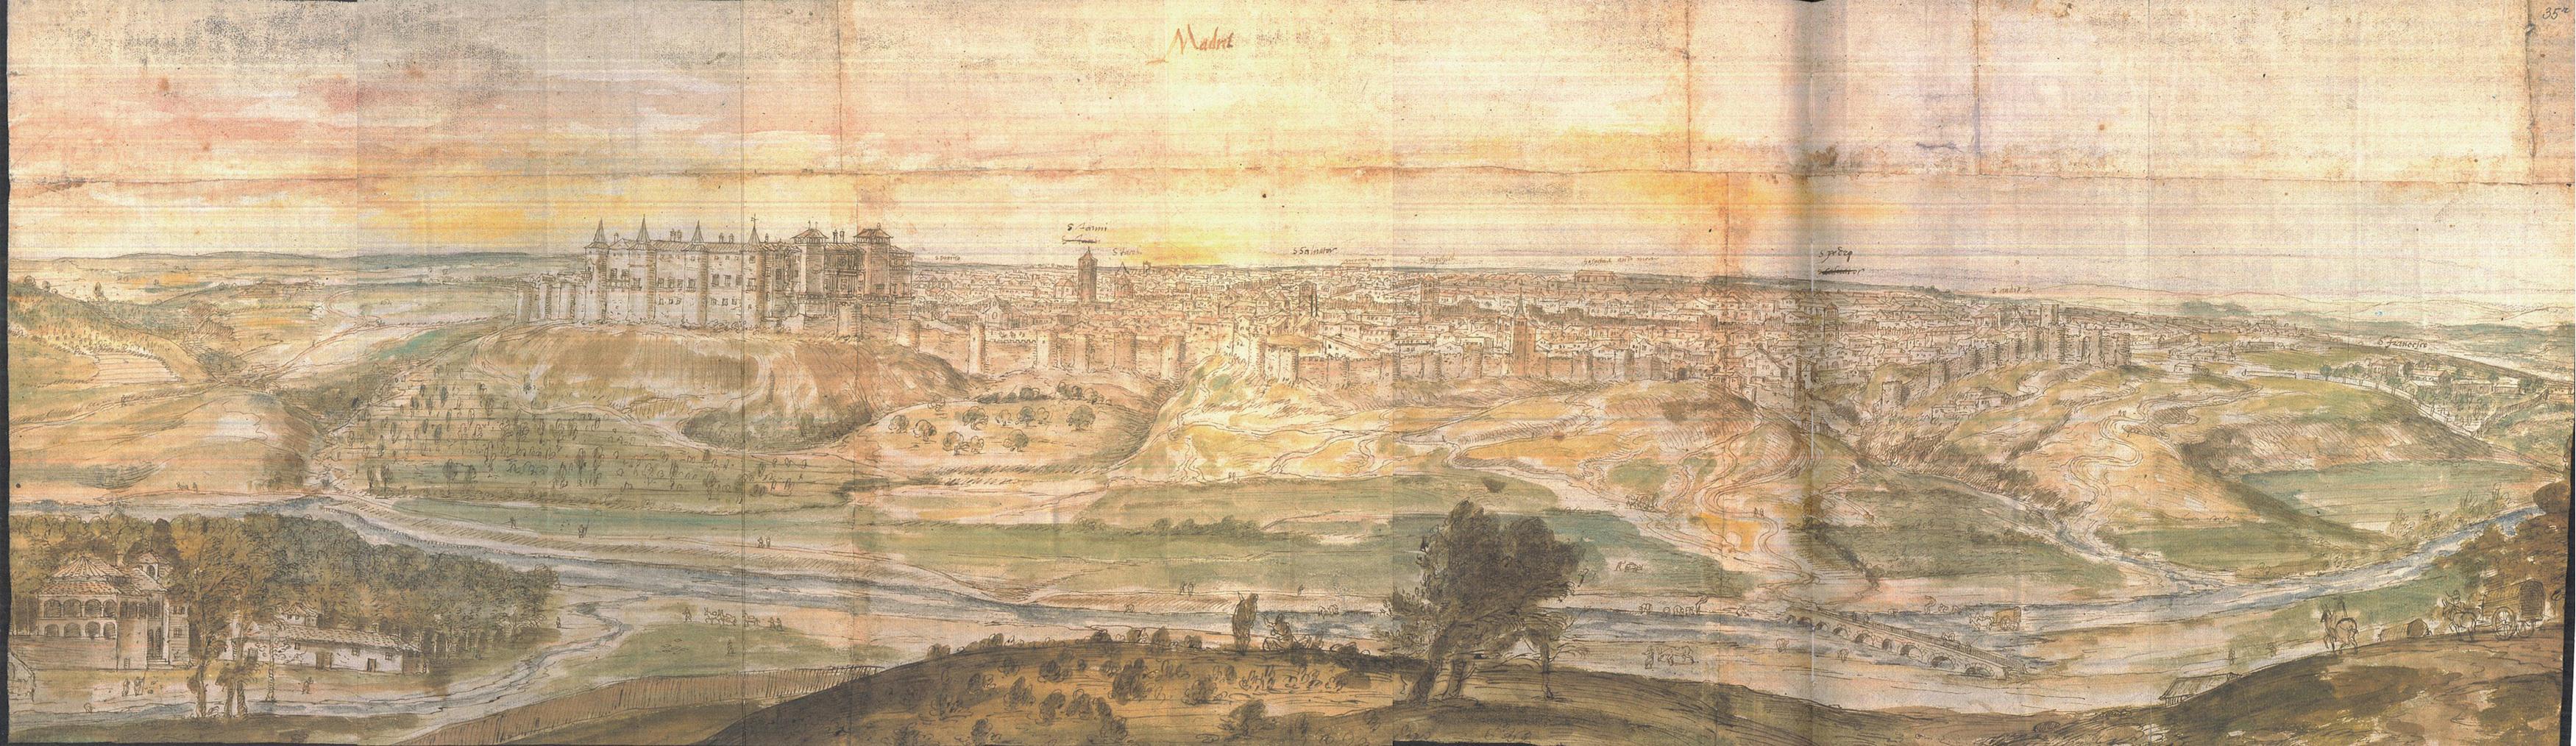 1562, Vista de Madrid Anton Van der Wyngaerde.jpg